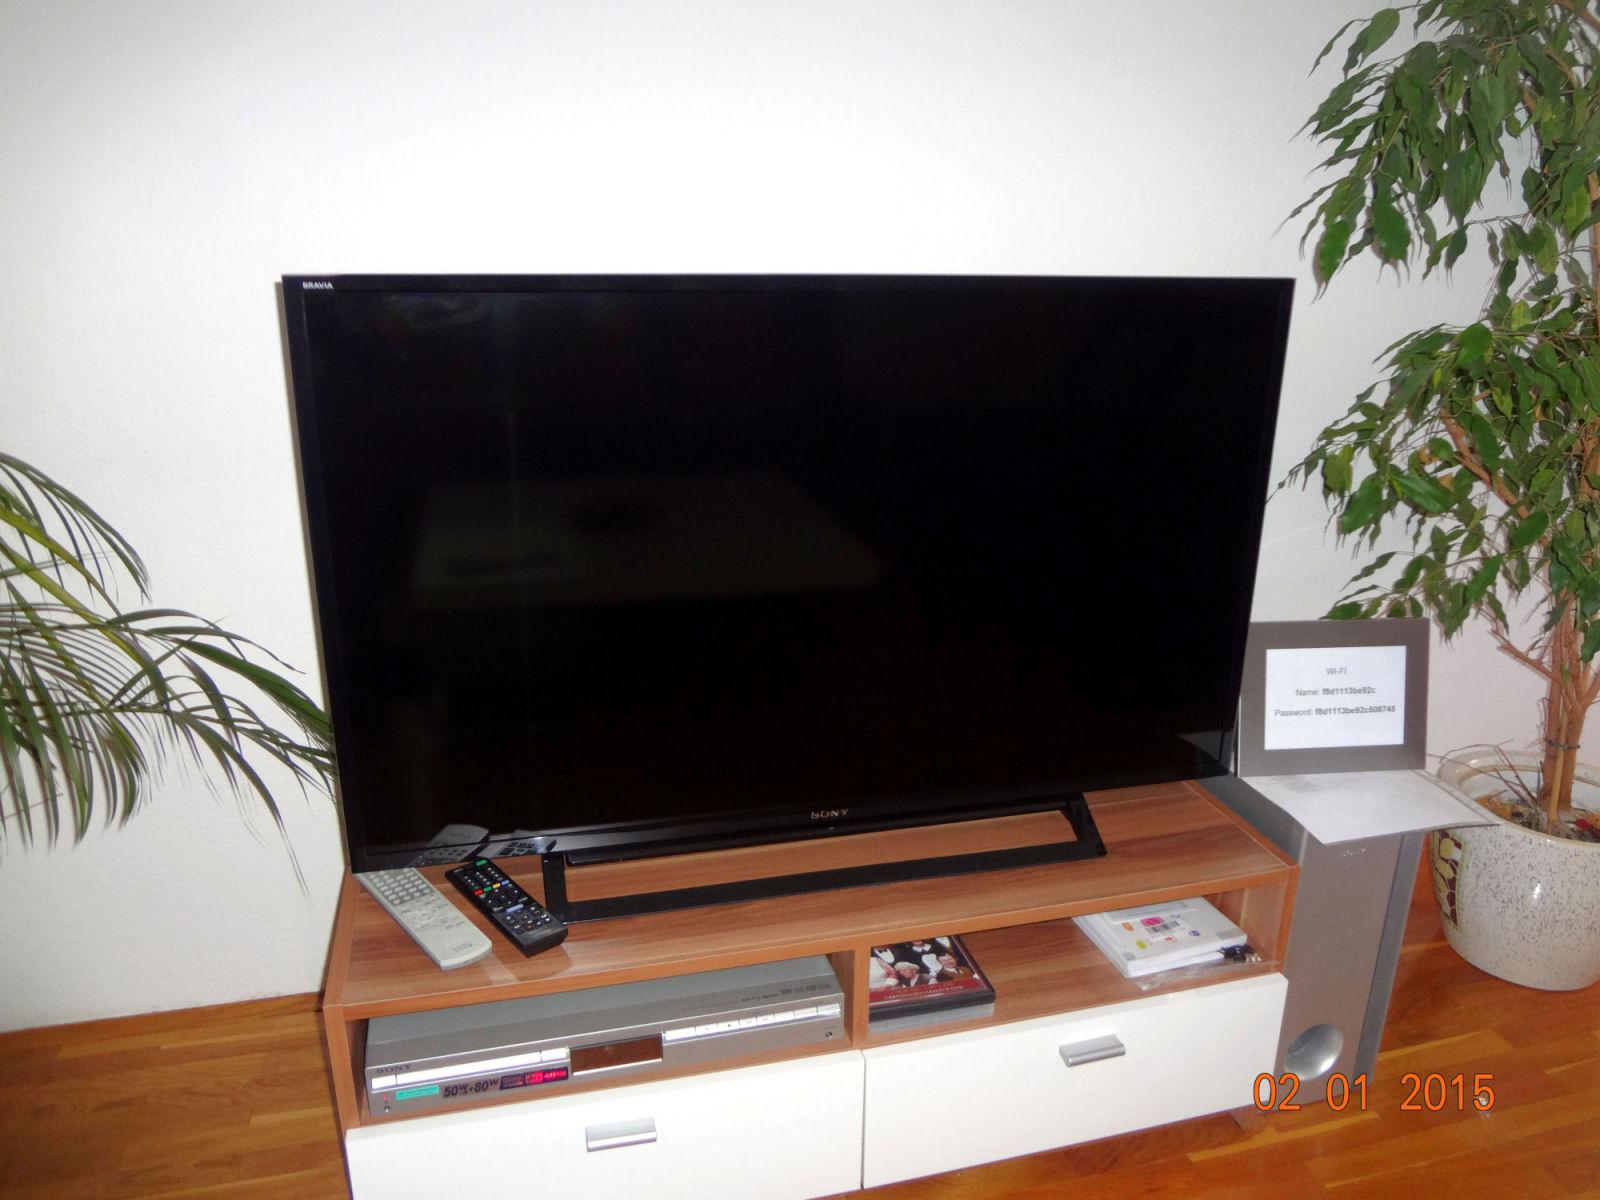 Sony LCD TV v apartmaju s štirimi zvezdicami